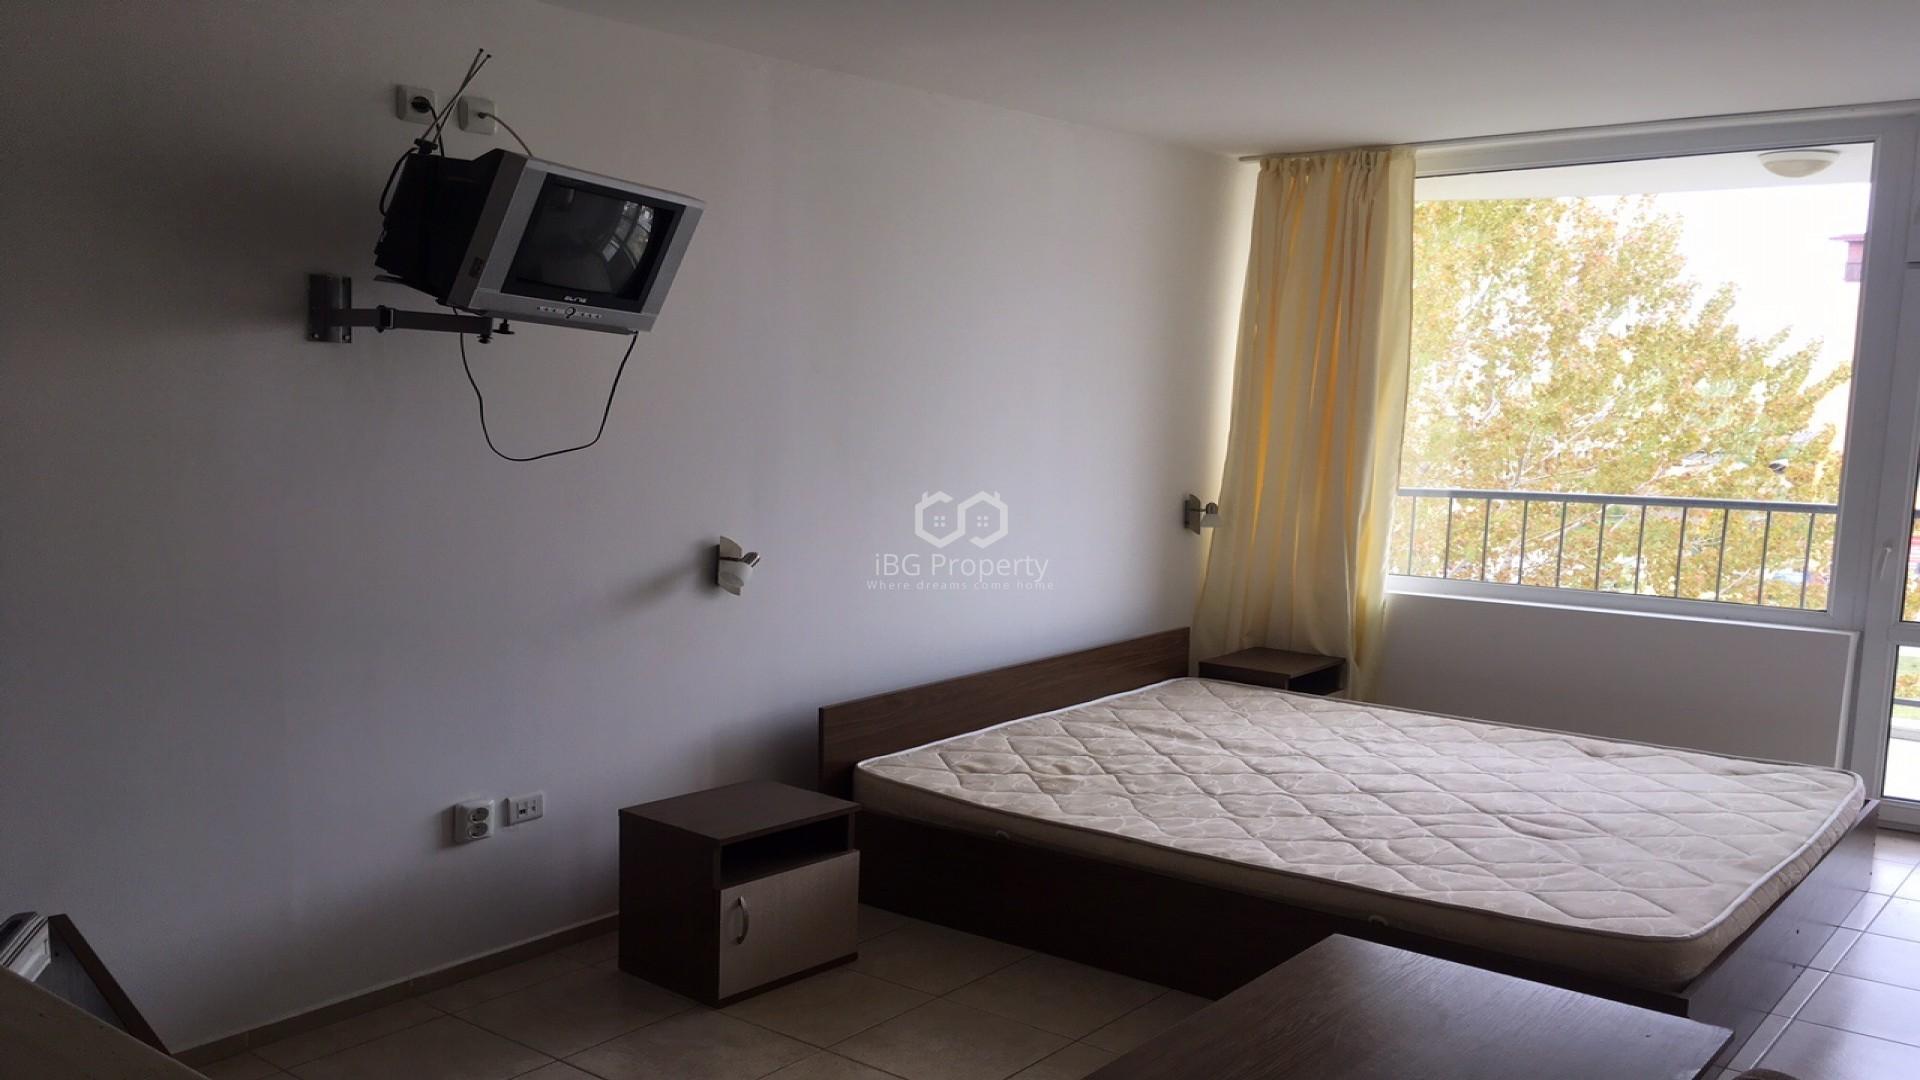 Einzimmerwohnung in Sonnenstrand 35 m2